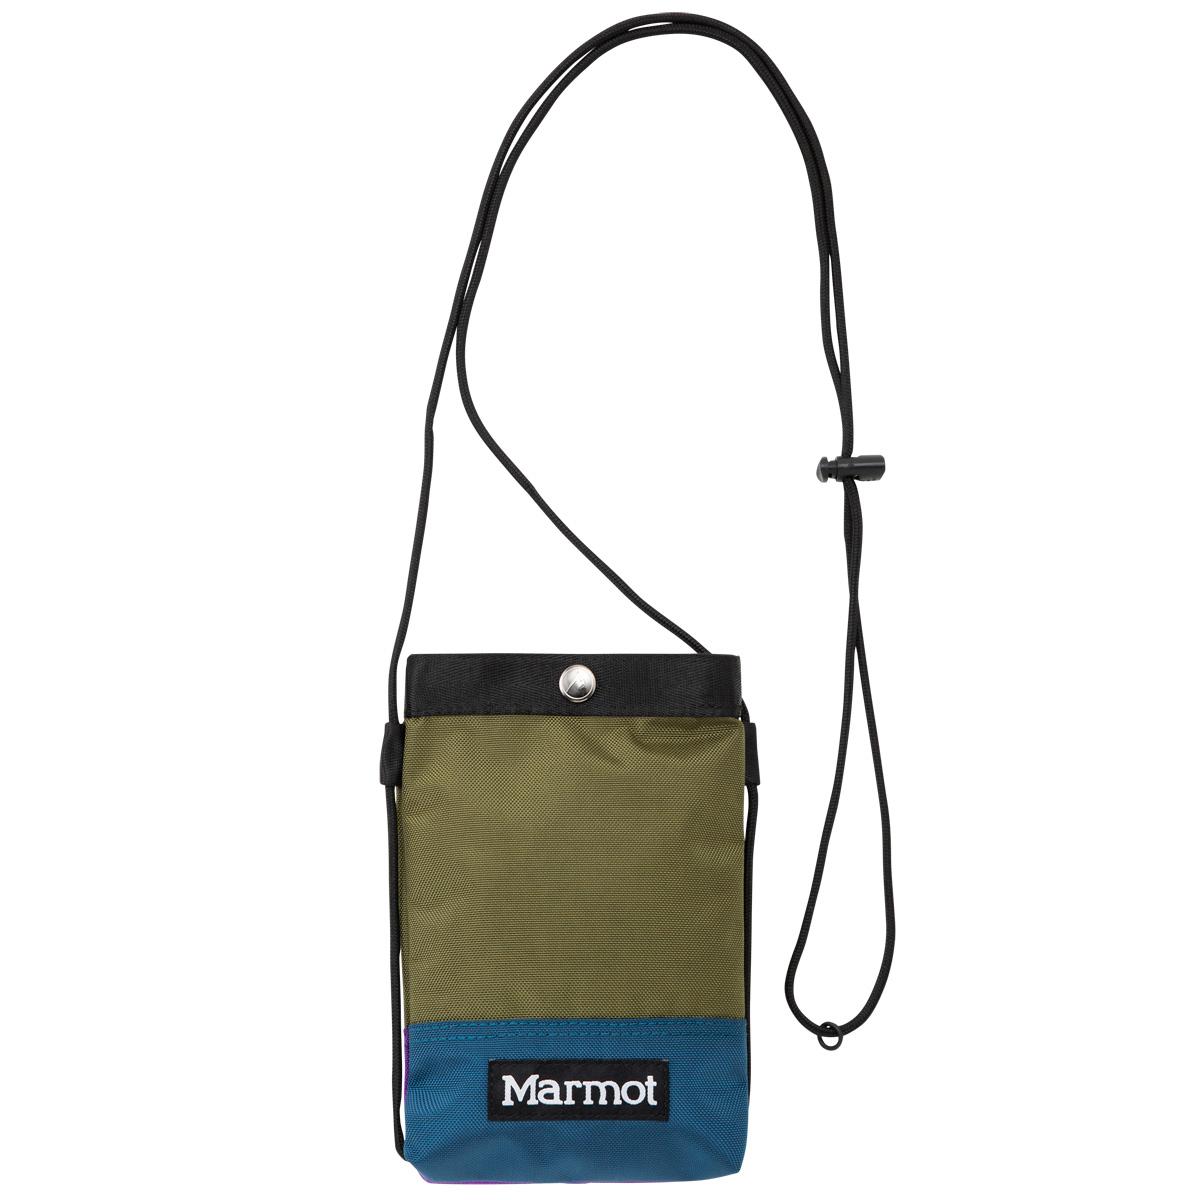 Marmot マーモット NEW ポケットバッグ 店舗 Pocket KH Bag TOASJA16 売り込み